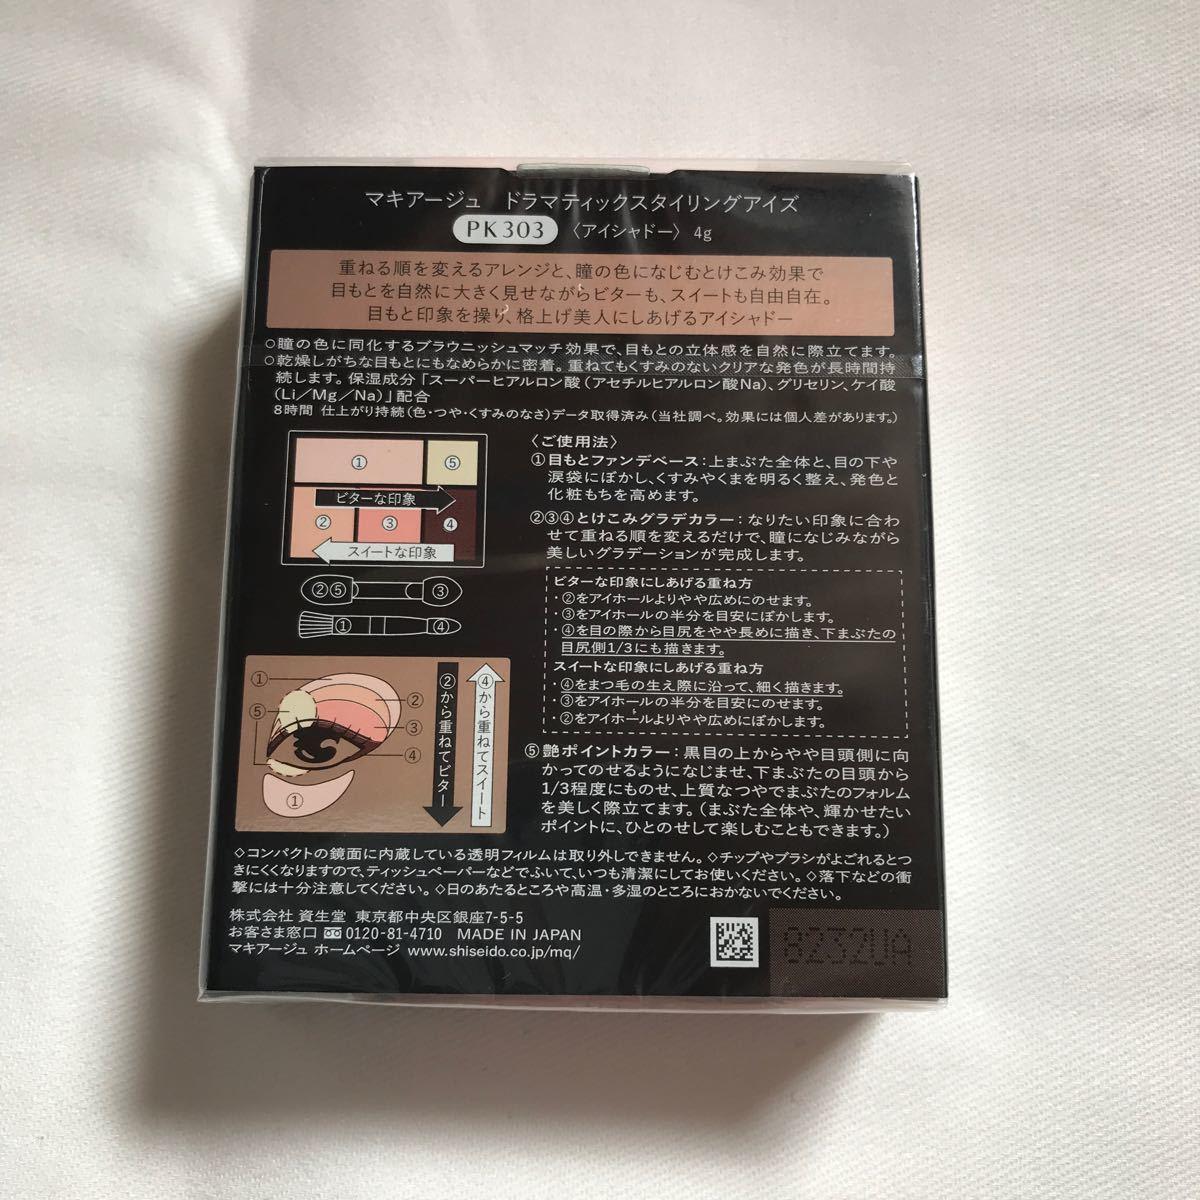 マキアージュ ドラマティックスタイリングアイズ    PK 303